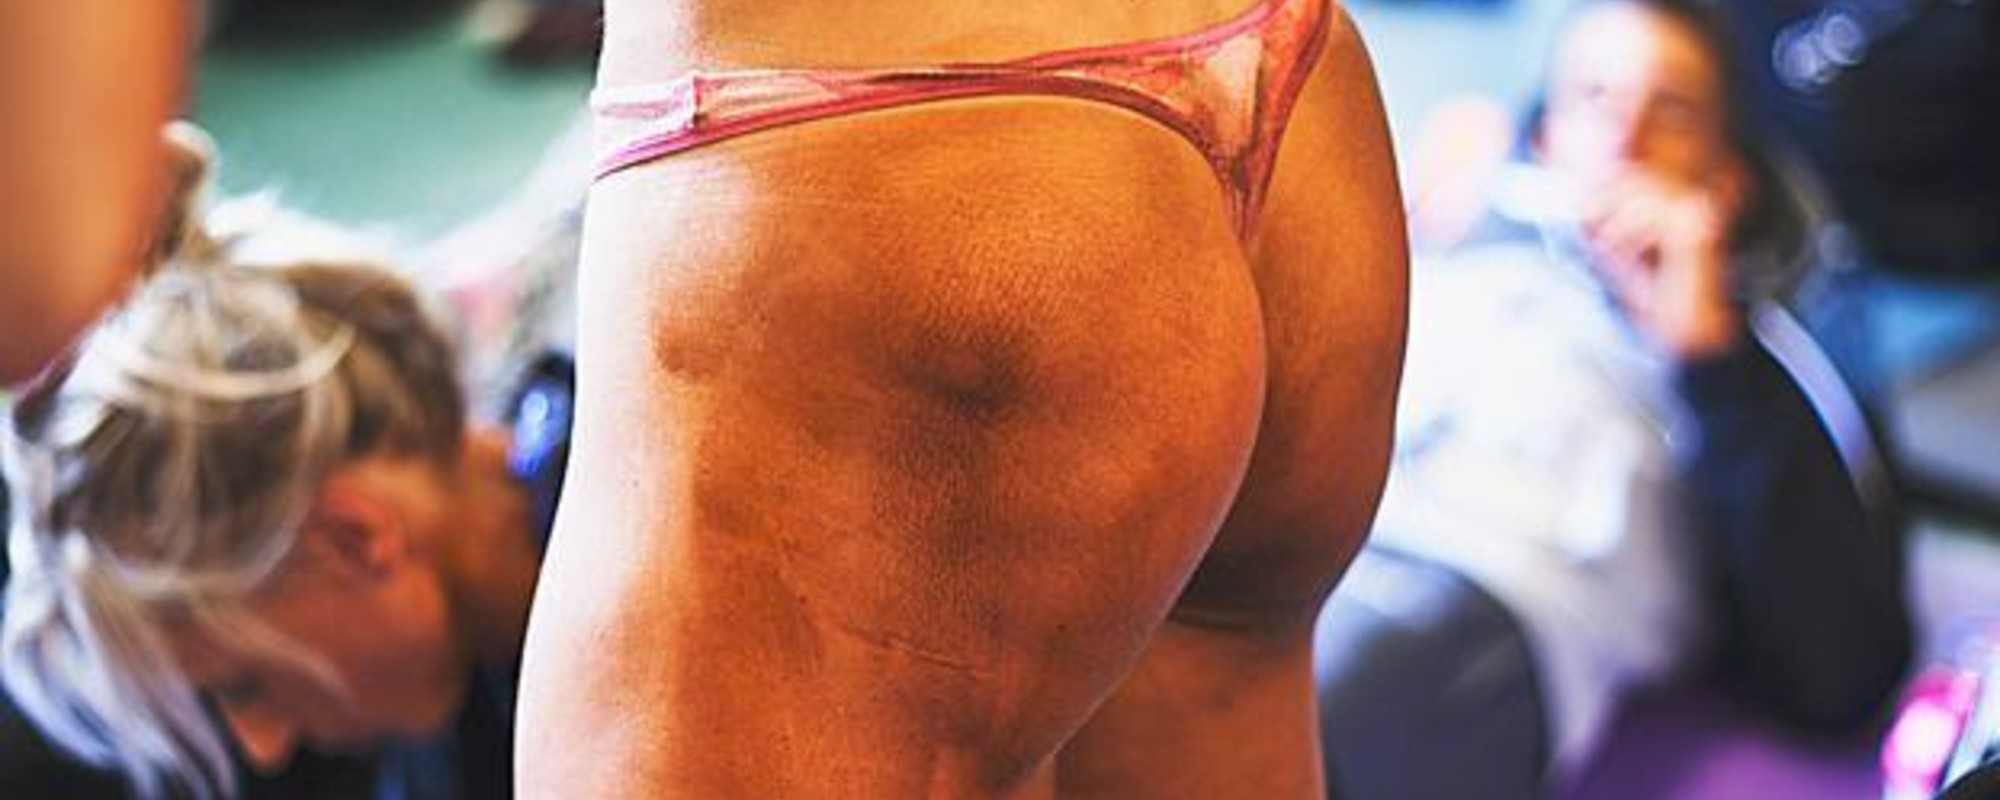 Op pad met een vrouwelijke bodybuilder